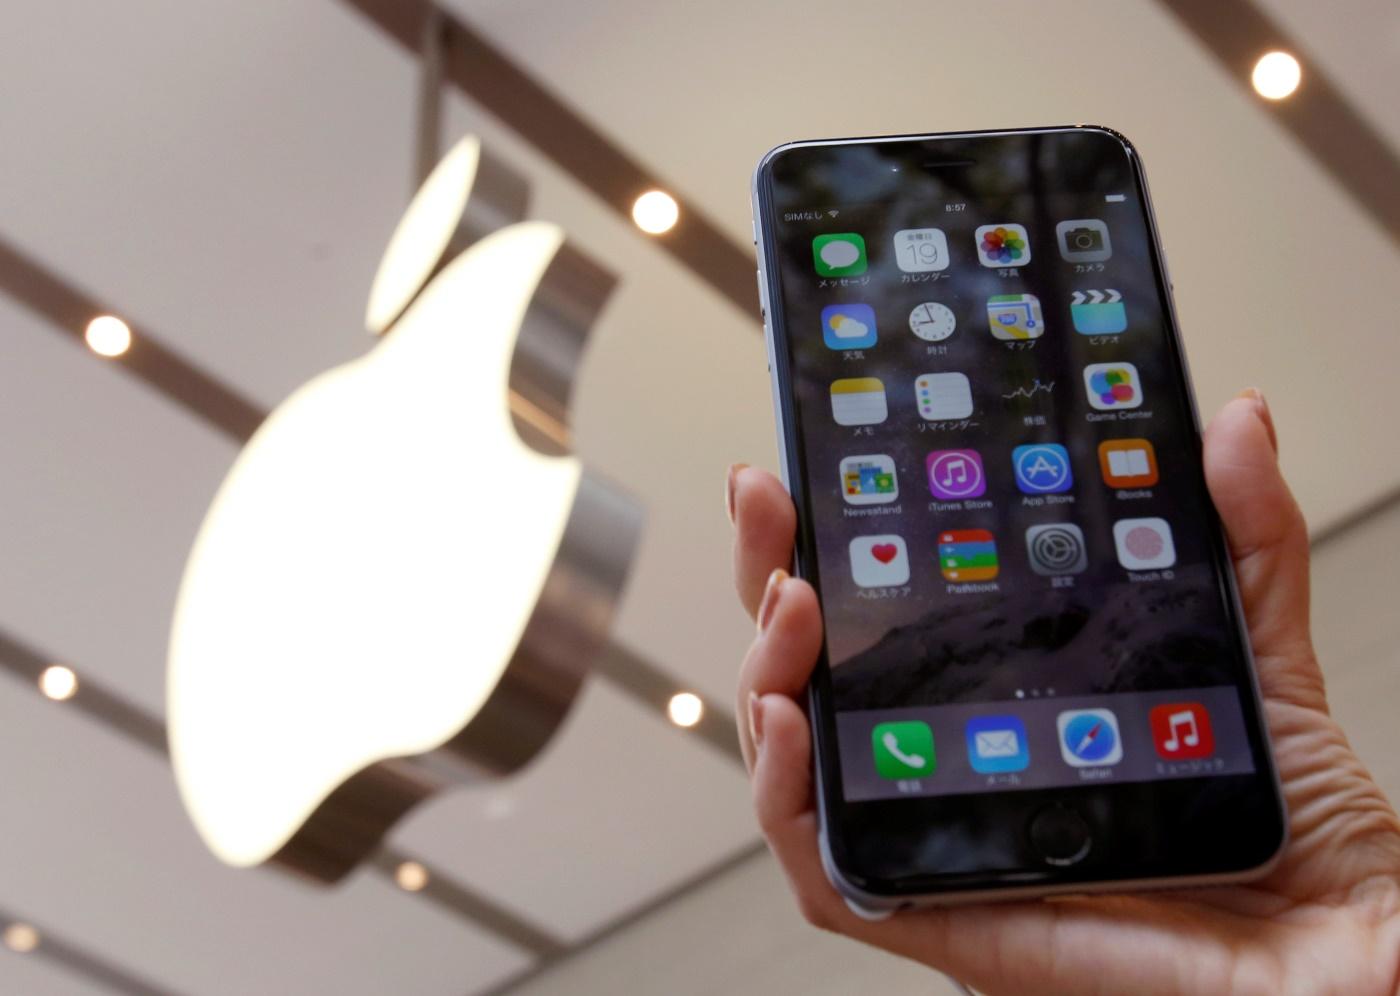 Μέτοχοι της Apple καλούν την εταιρεία να απαντήσει αν τα iPhone προκαλούν εθισμό σε παιδιά